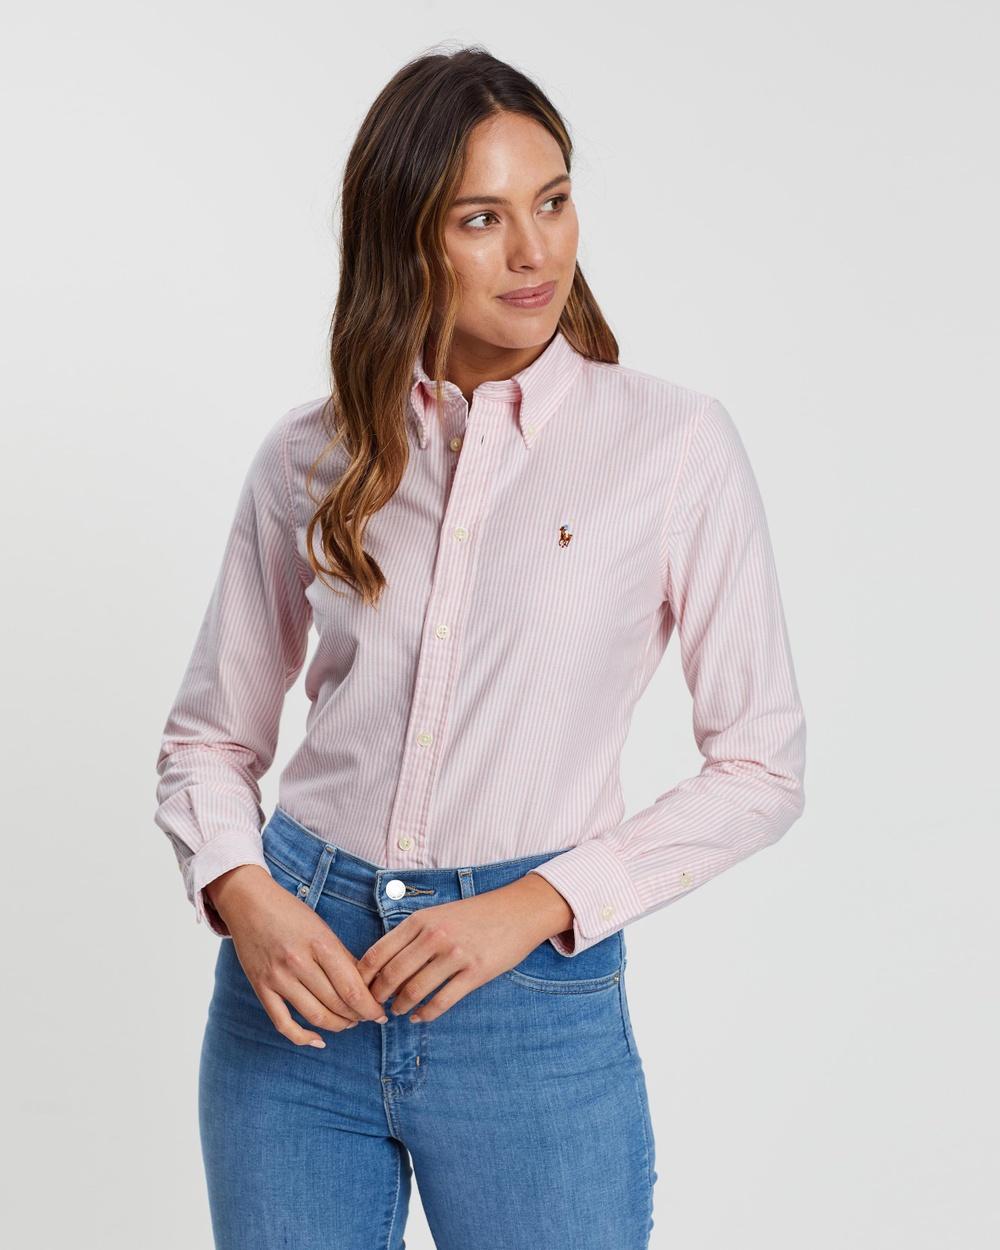 Polo Ralph Lauren Harper Long Sleeve Shirt Tops White & Pink Stripe Harper Long Sleeve Shirt